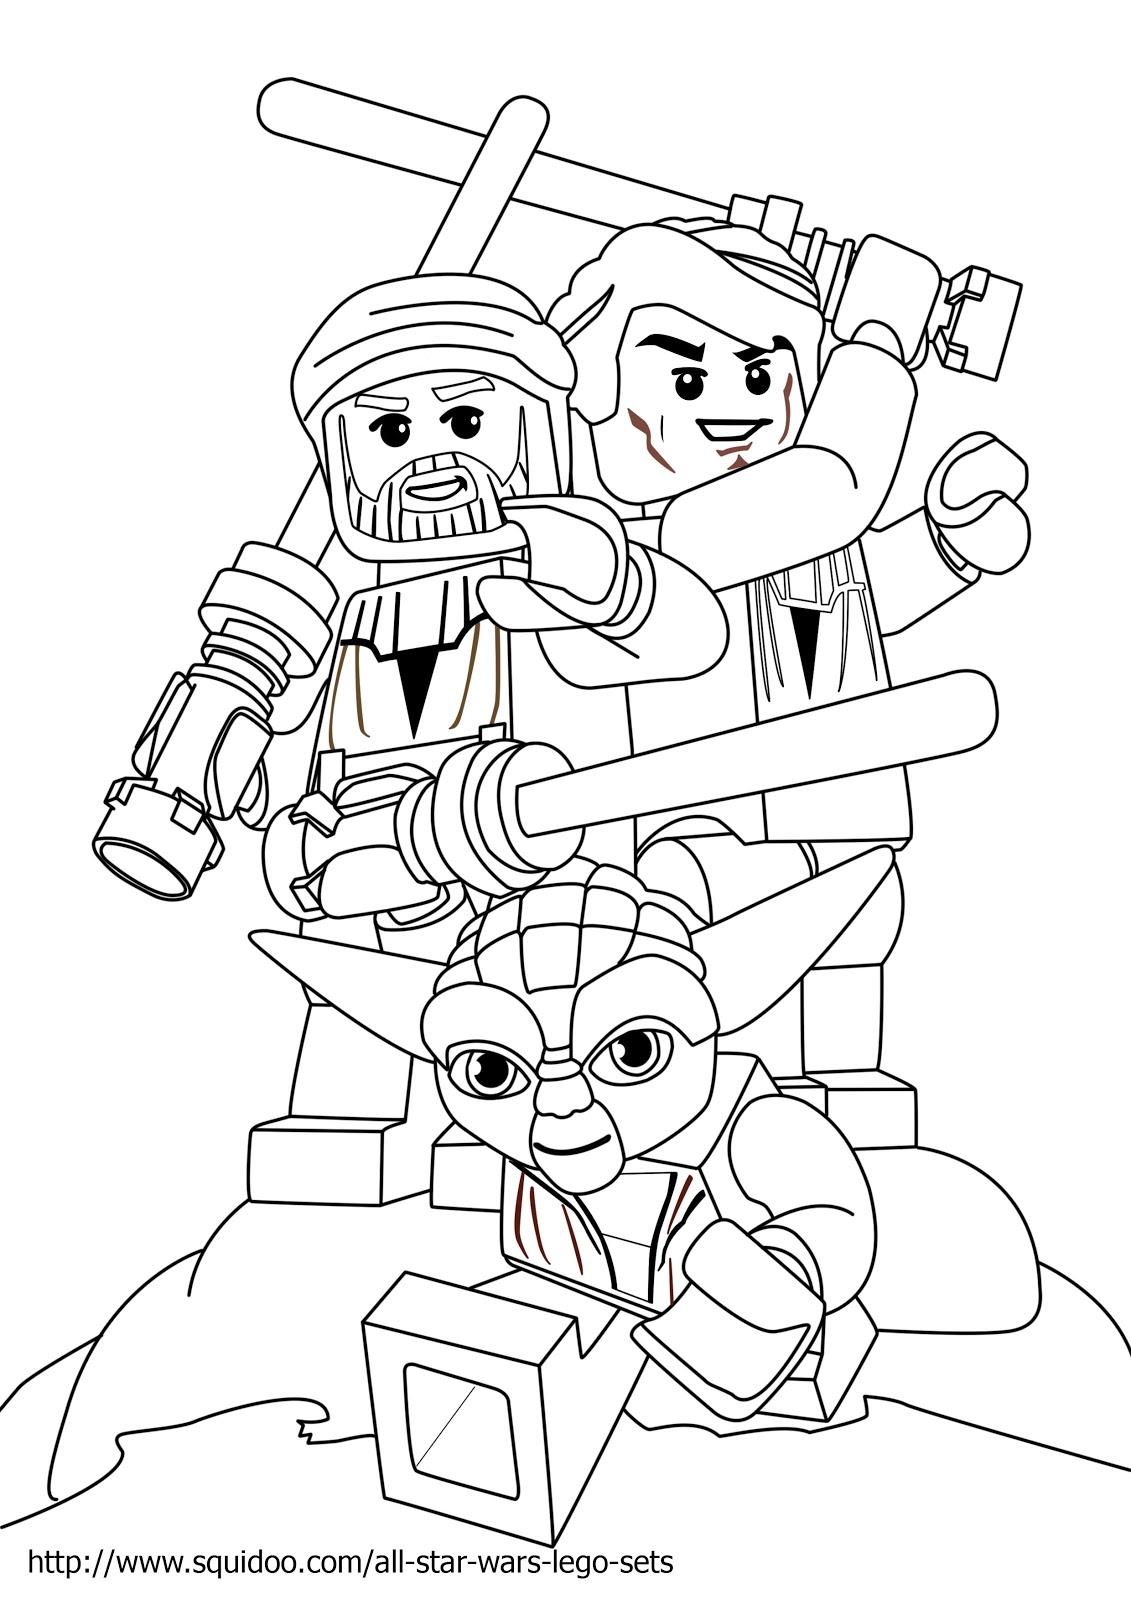 110 dessins de coloriage star wars imprimer sur page 11 - Star wars coloriage gratuit ...